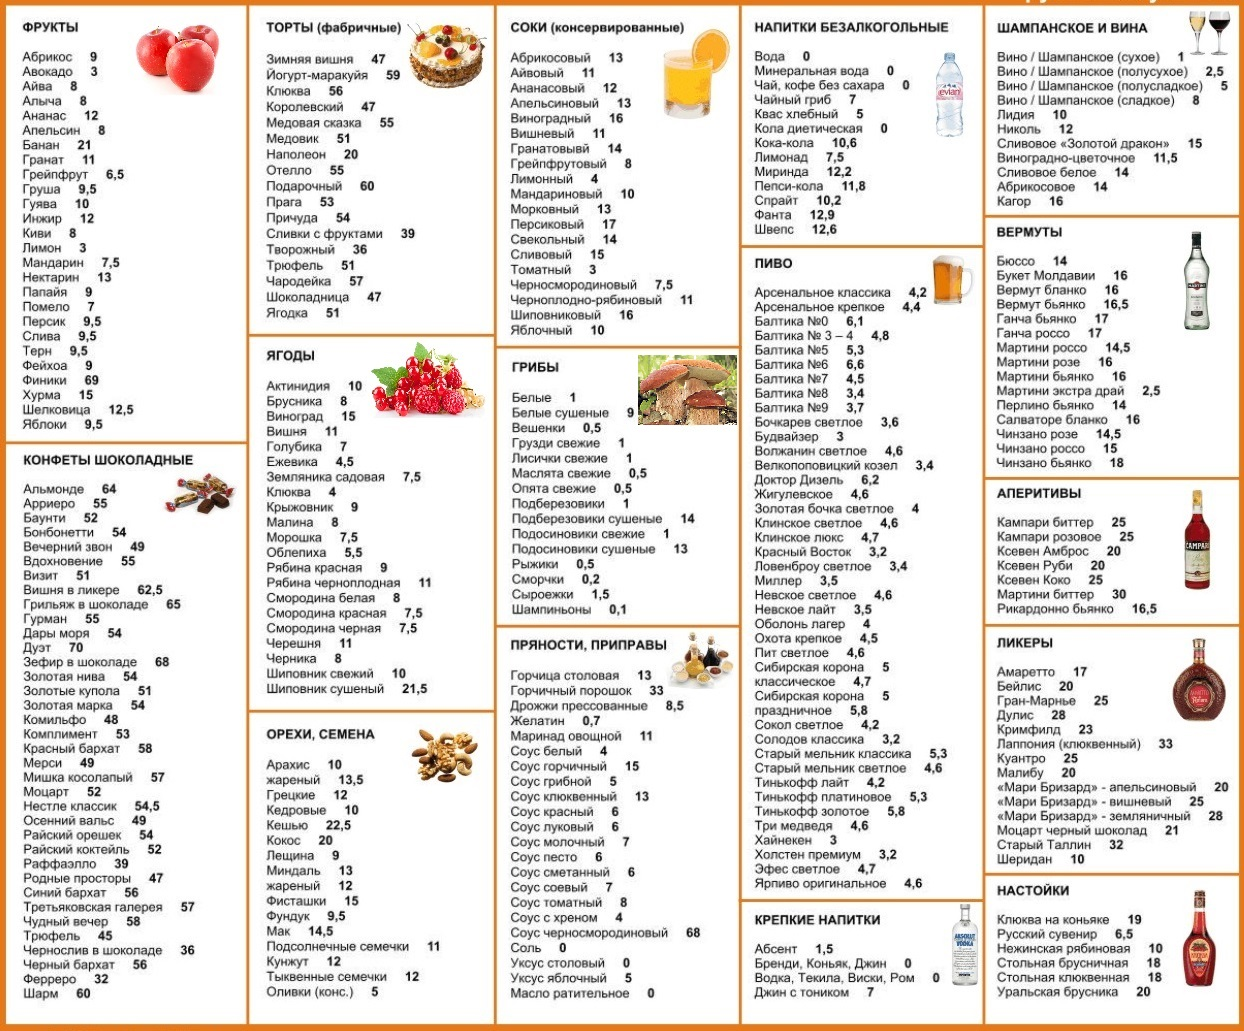 Кремлевская диета для похудения | меню и таблица кремлевской диеты.